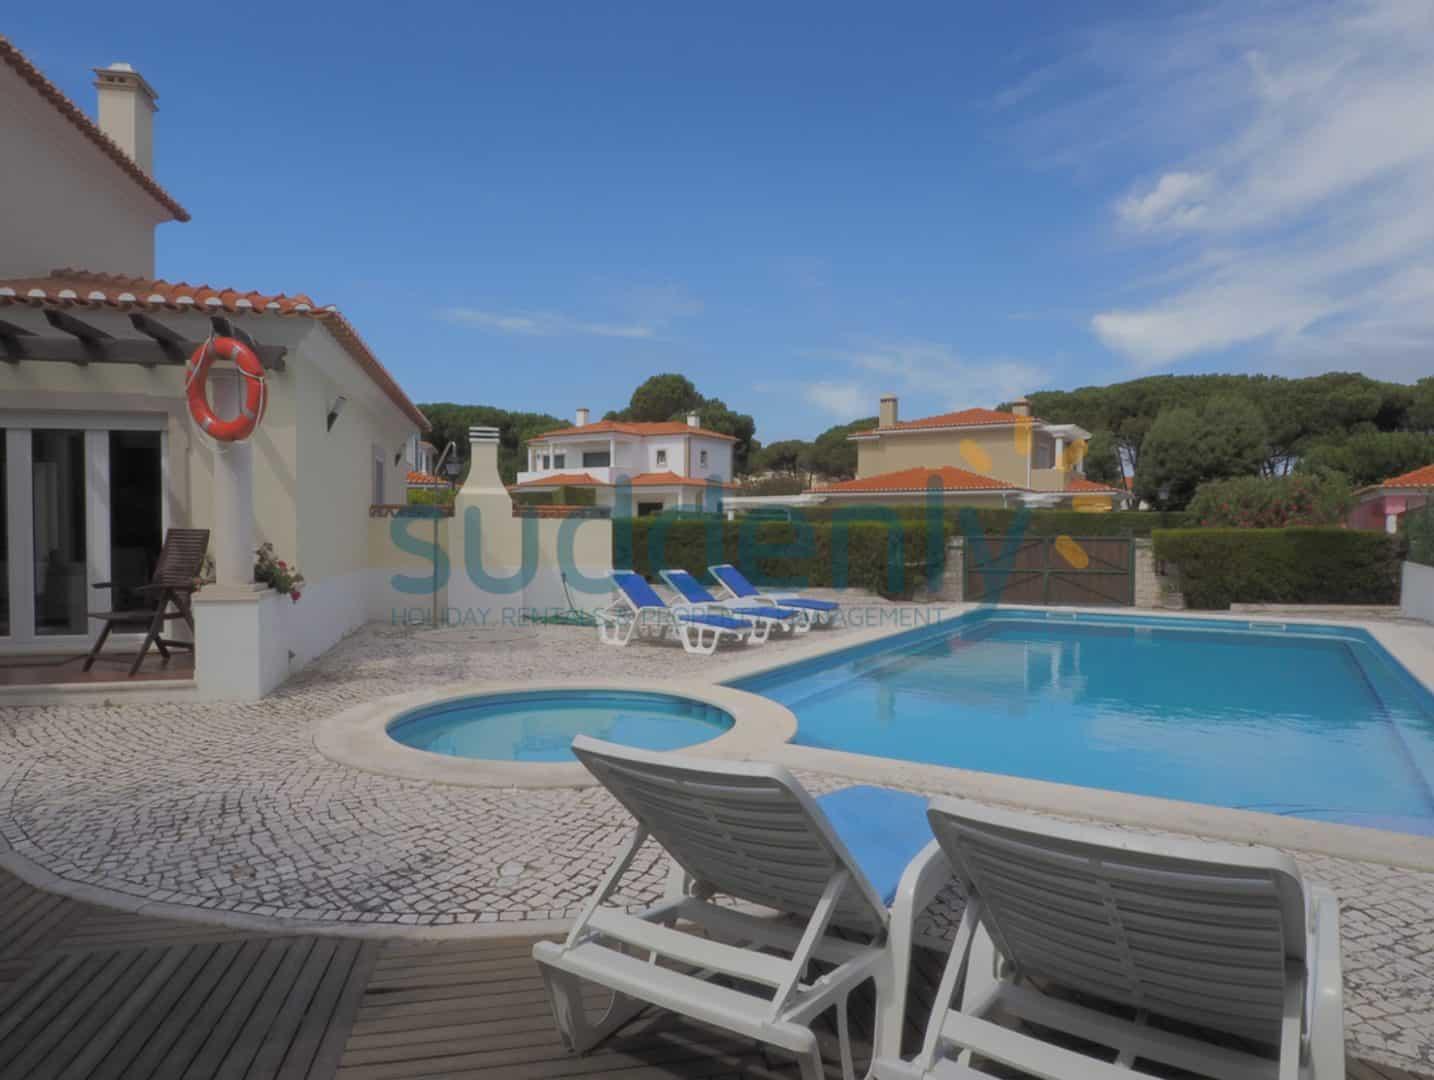 Holiday Rentals in Praia D'El Rey 375